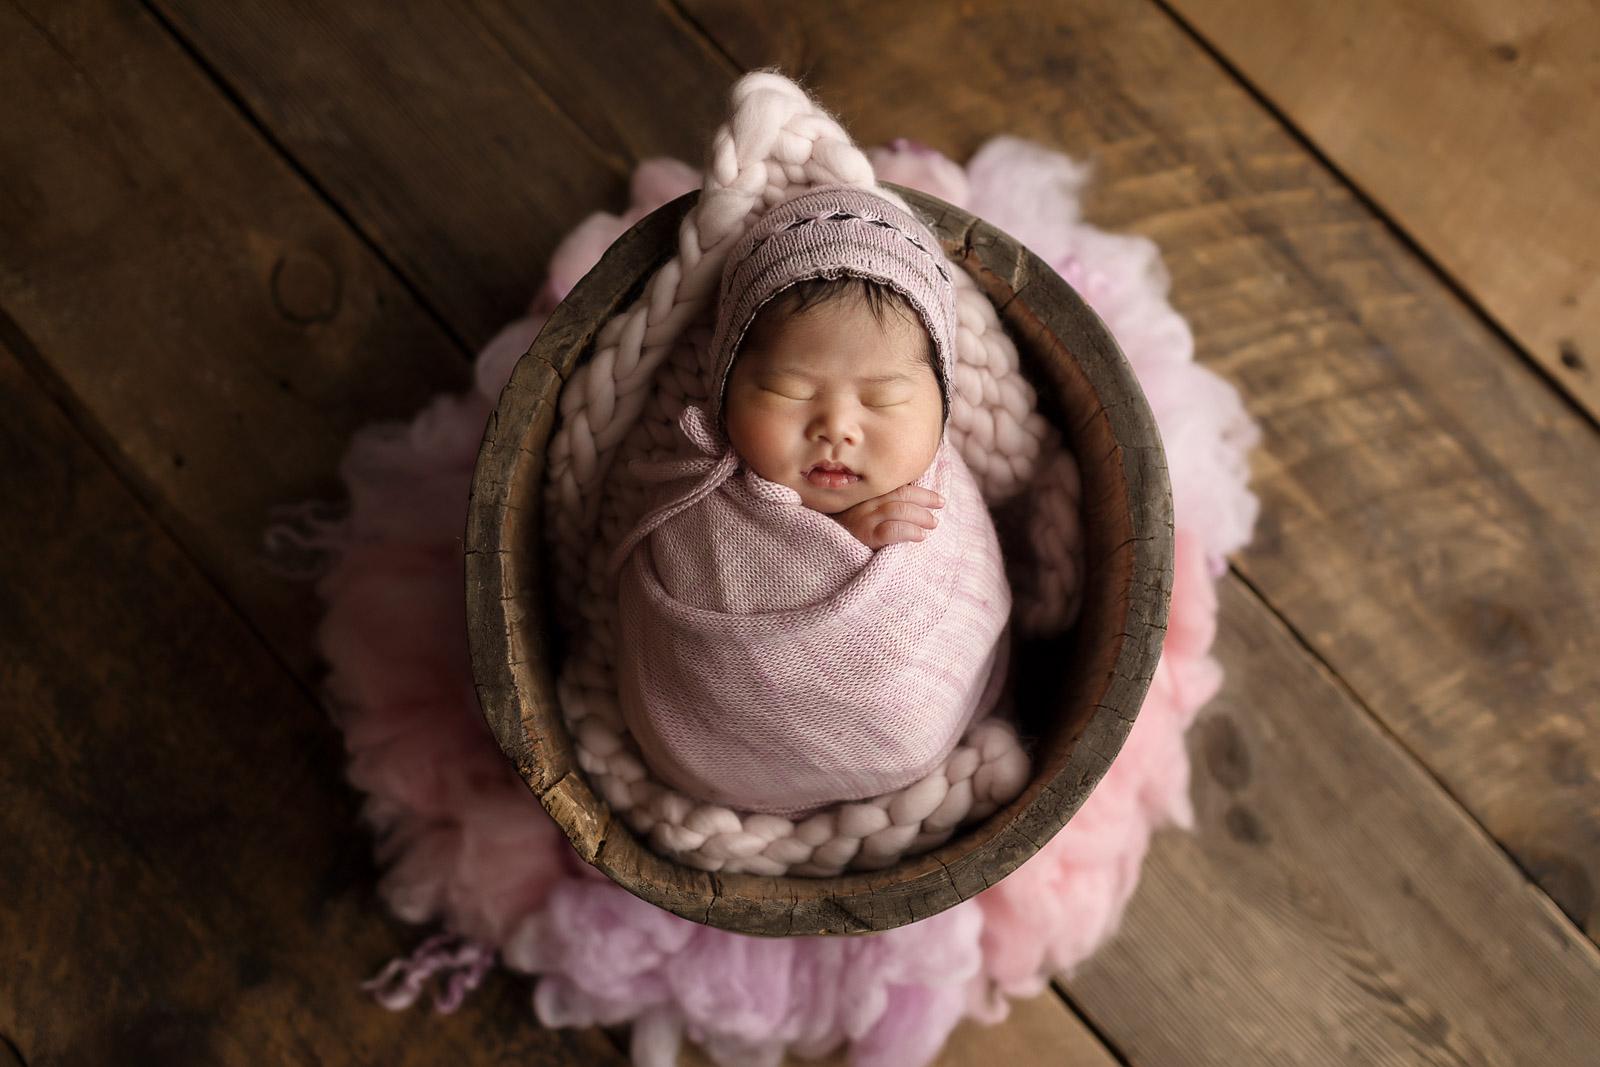 Editing_Newborn_Skin_SugaShoc_Photography_Newborn_Photographer_Bucks_County_PA_Doylestown_PA-1-2.jpg